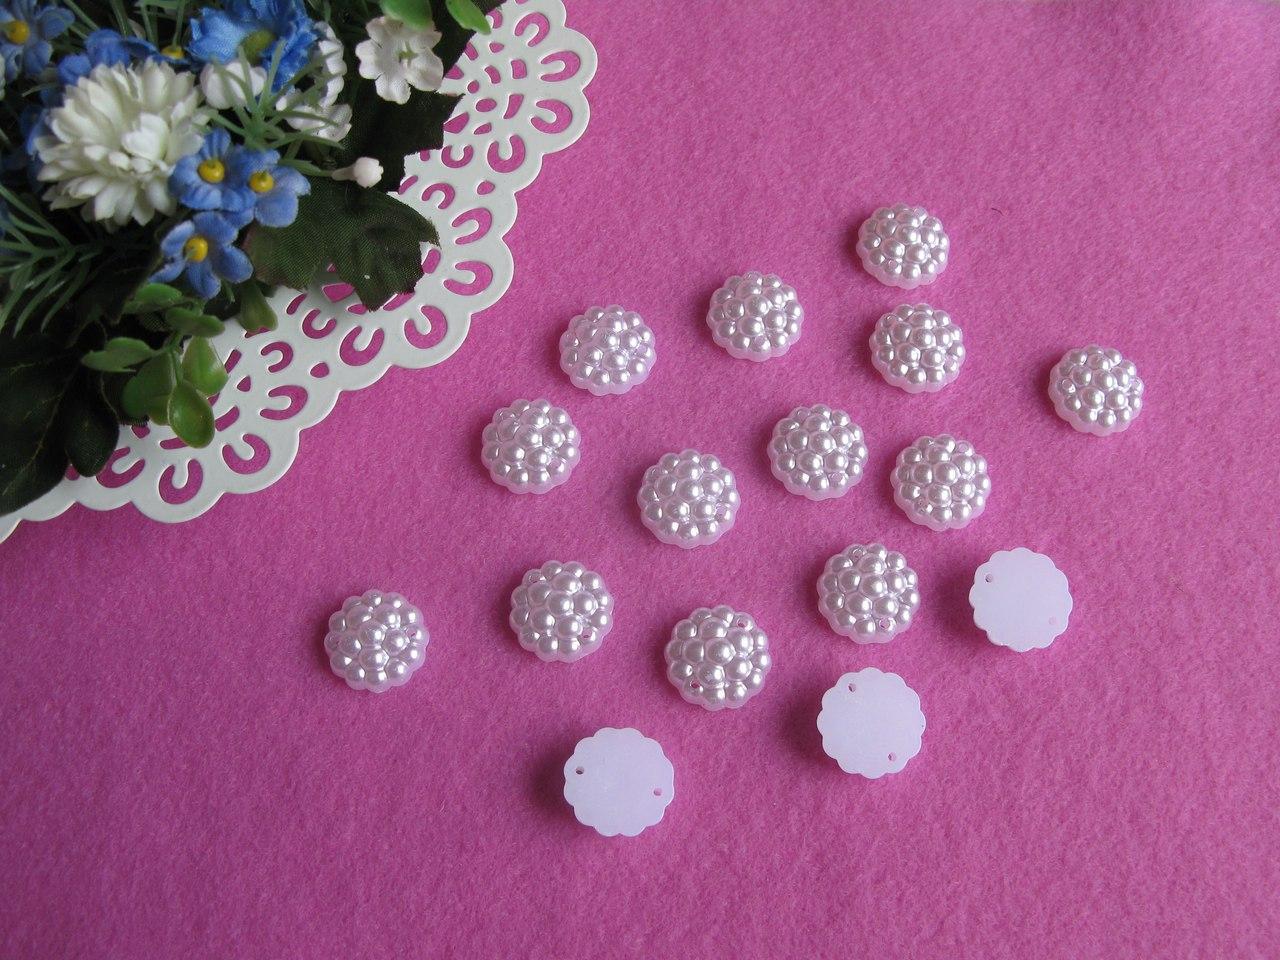 Полубусины - Хризантема  цвет - молочный р-р 16 мм цена 1 грн - 1 шт